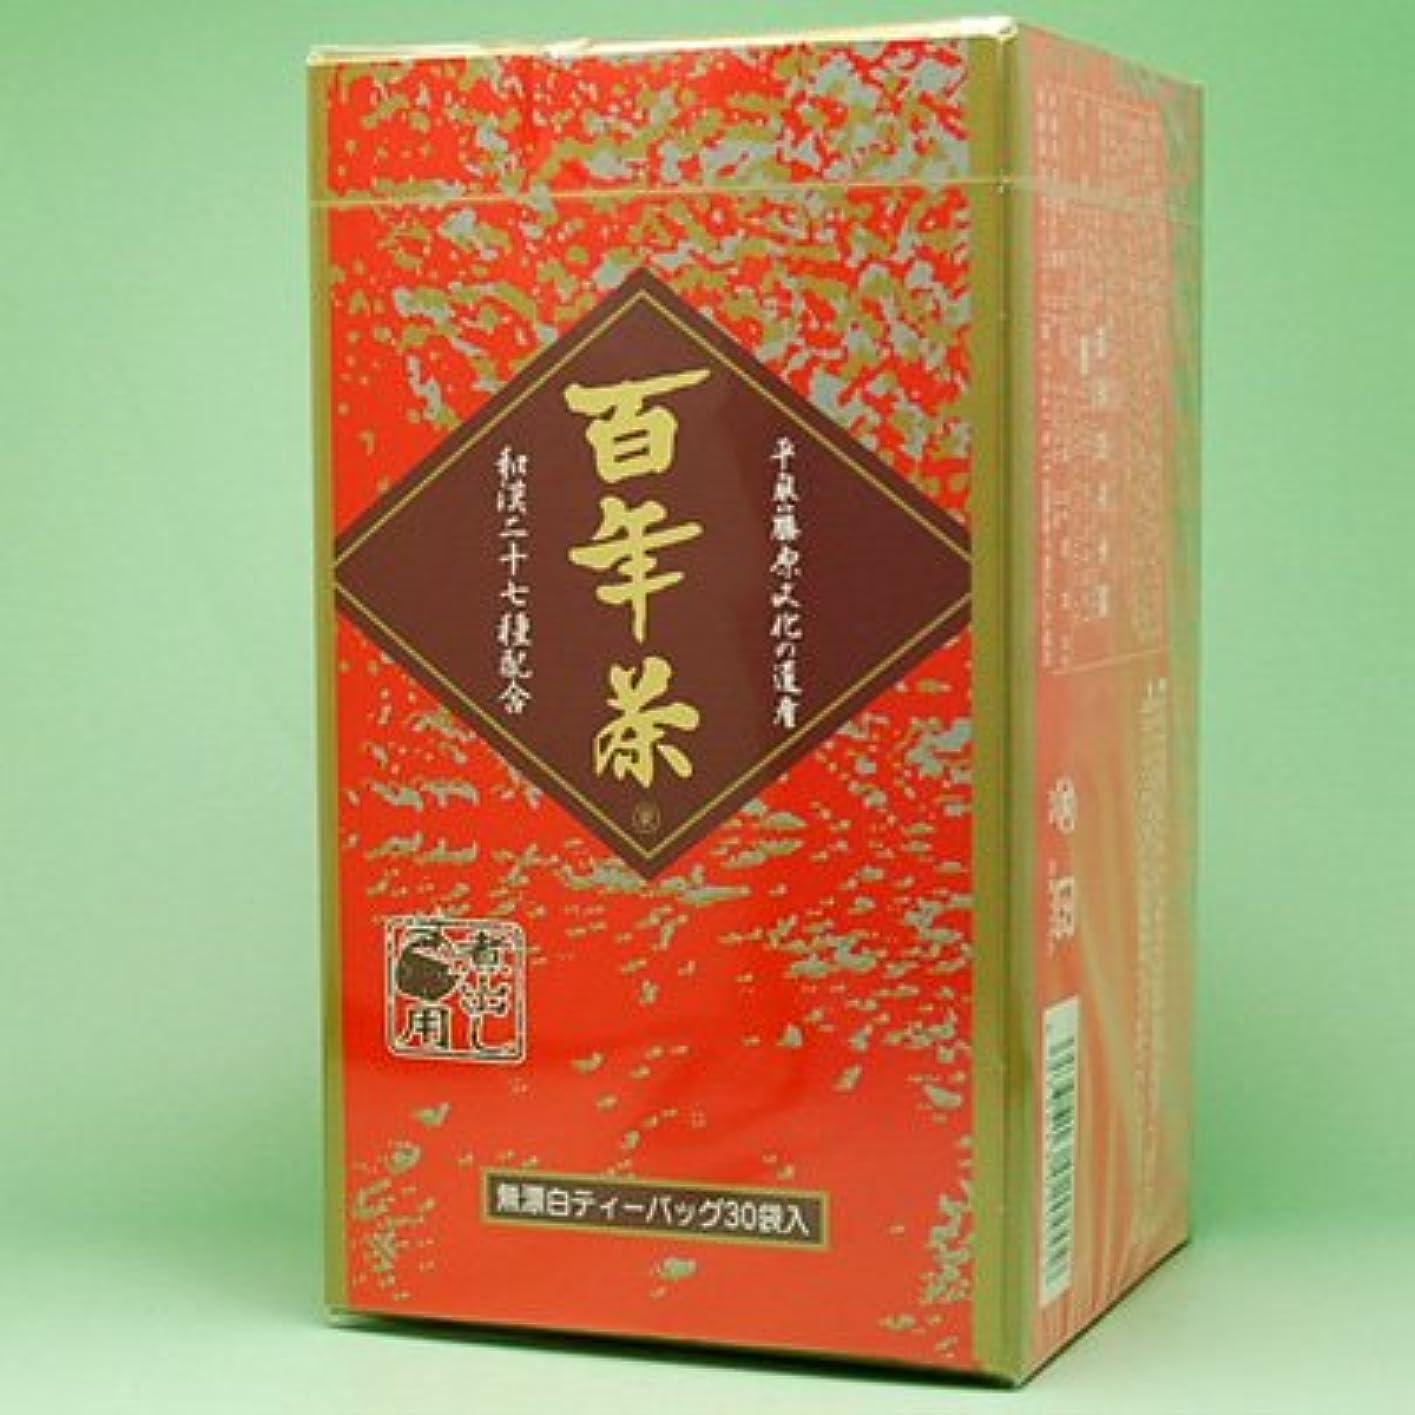 性別に負ける受け入れた精茶百年 蕃柘榴配合 30袋 (#122200) ×6個セット